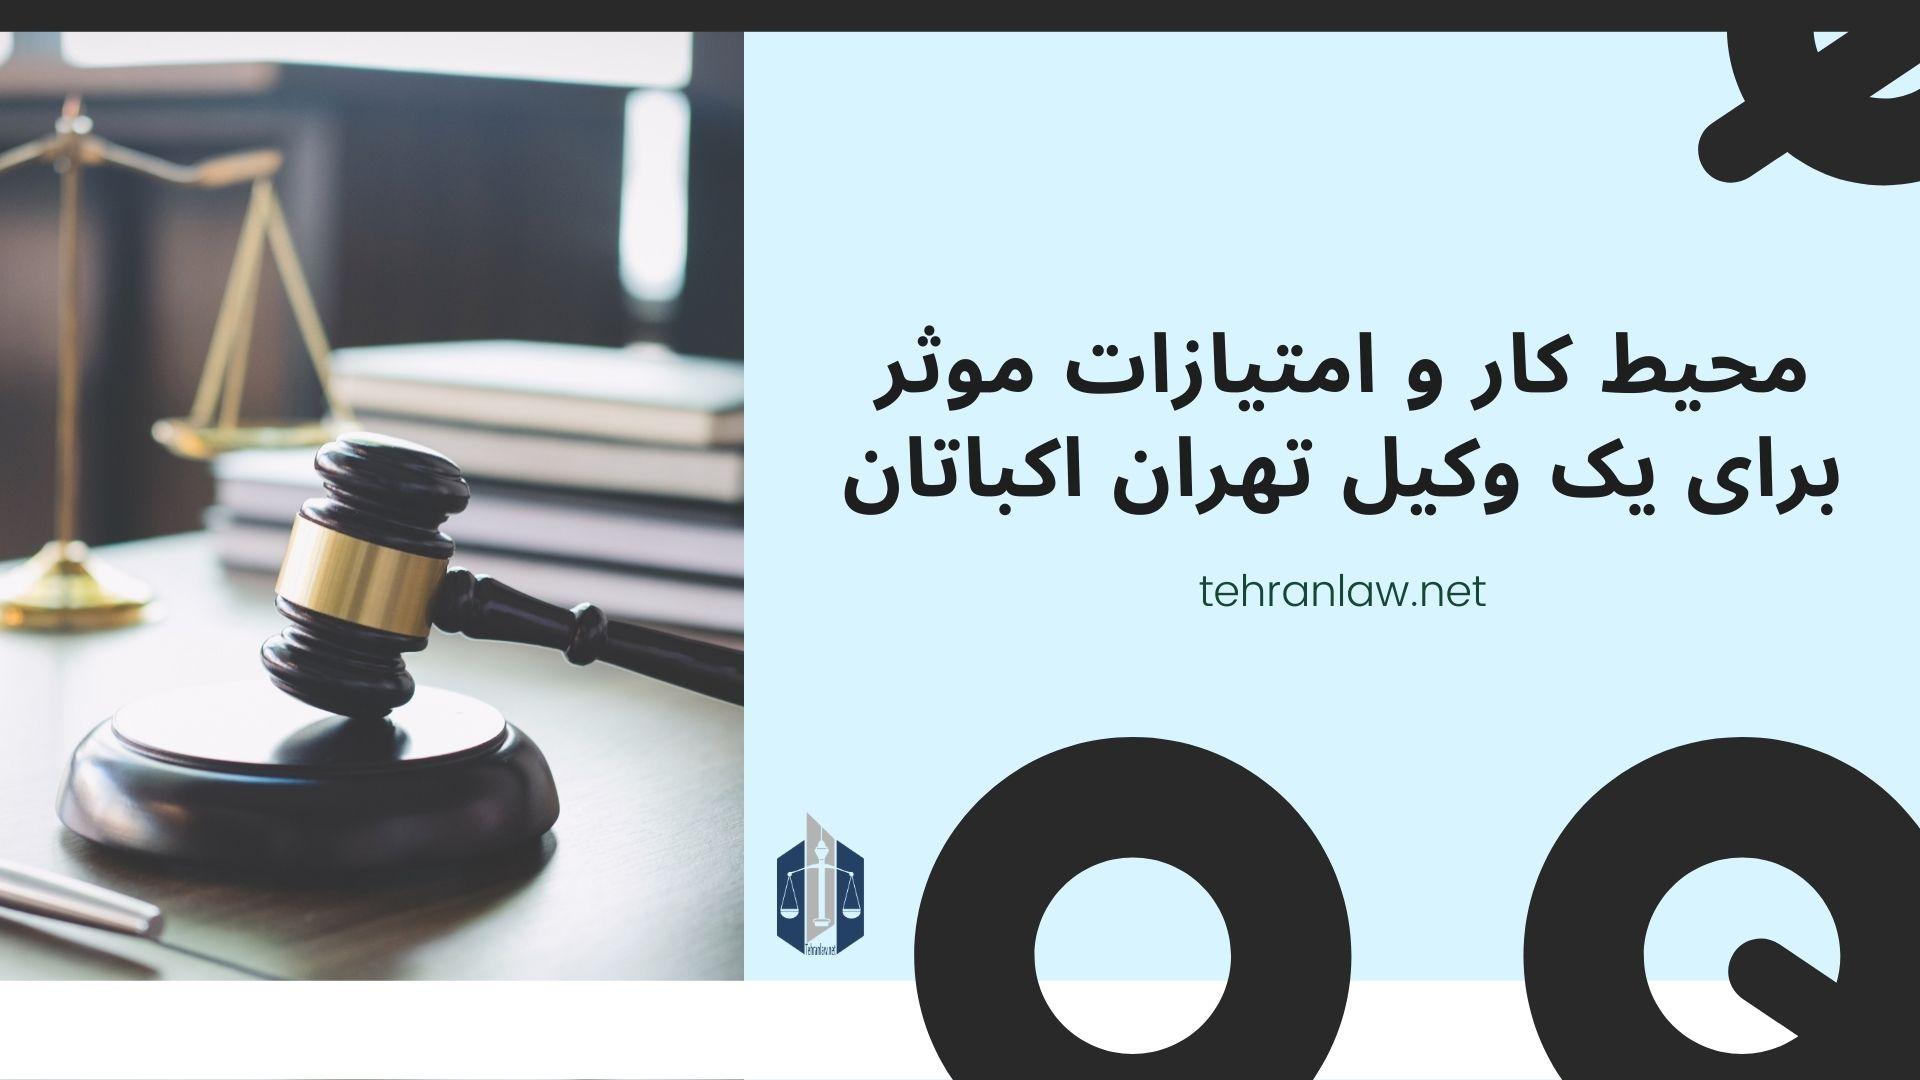 محیط کار و امتیازات موثر برای یک وکیل تهران اکباتان